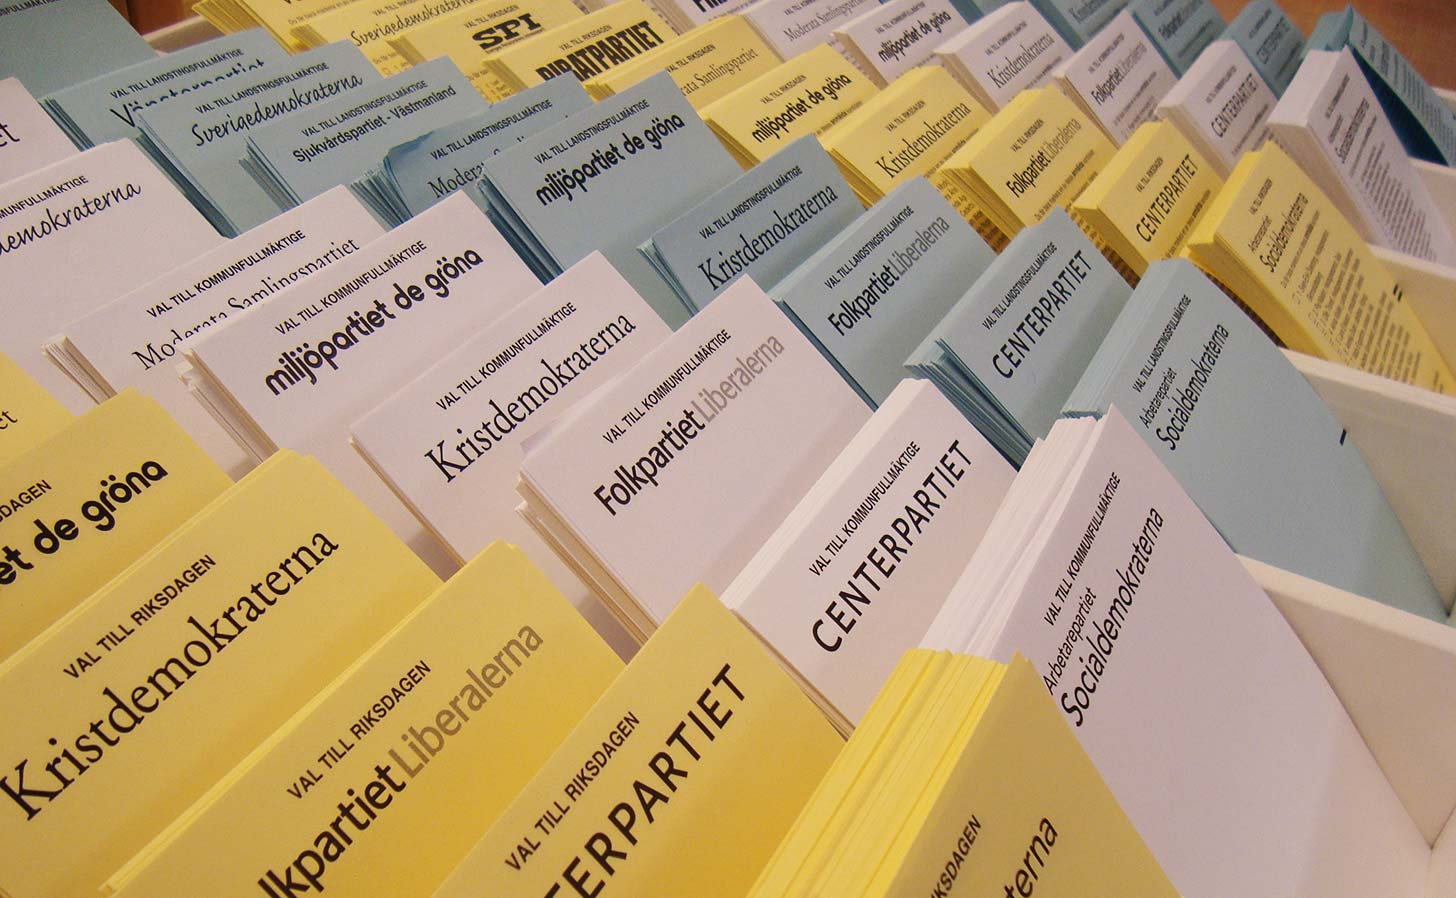 Valsedlar från ett tidigare val. Foto: phatlewt / Flickr (CC BY-SA 2.0)